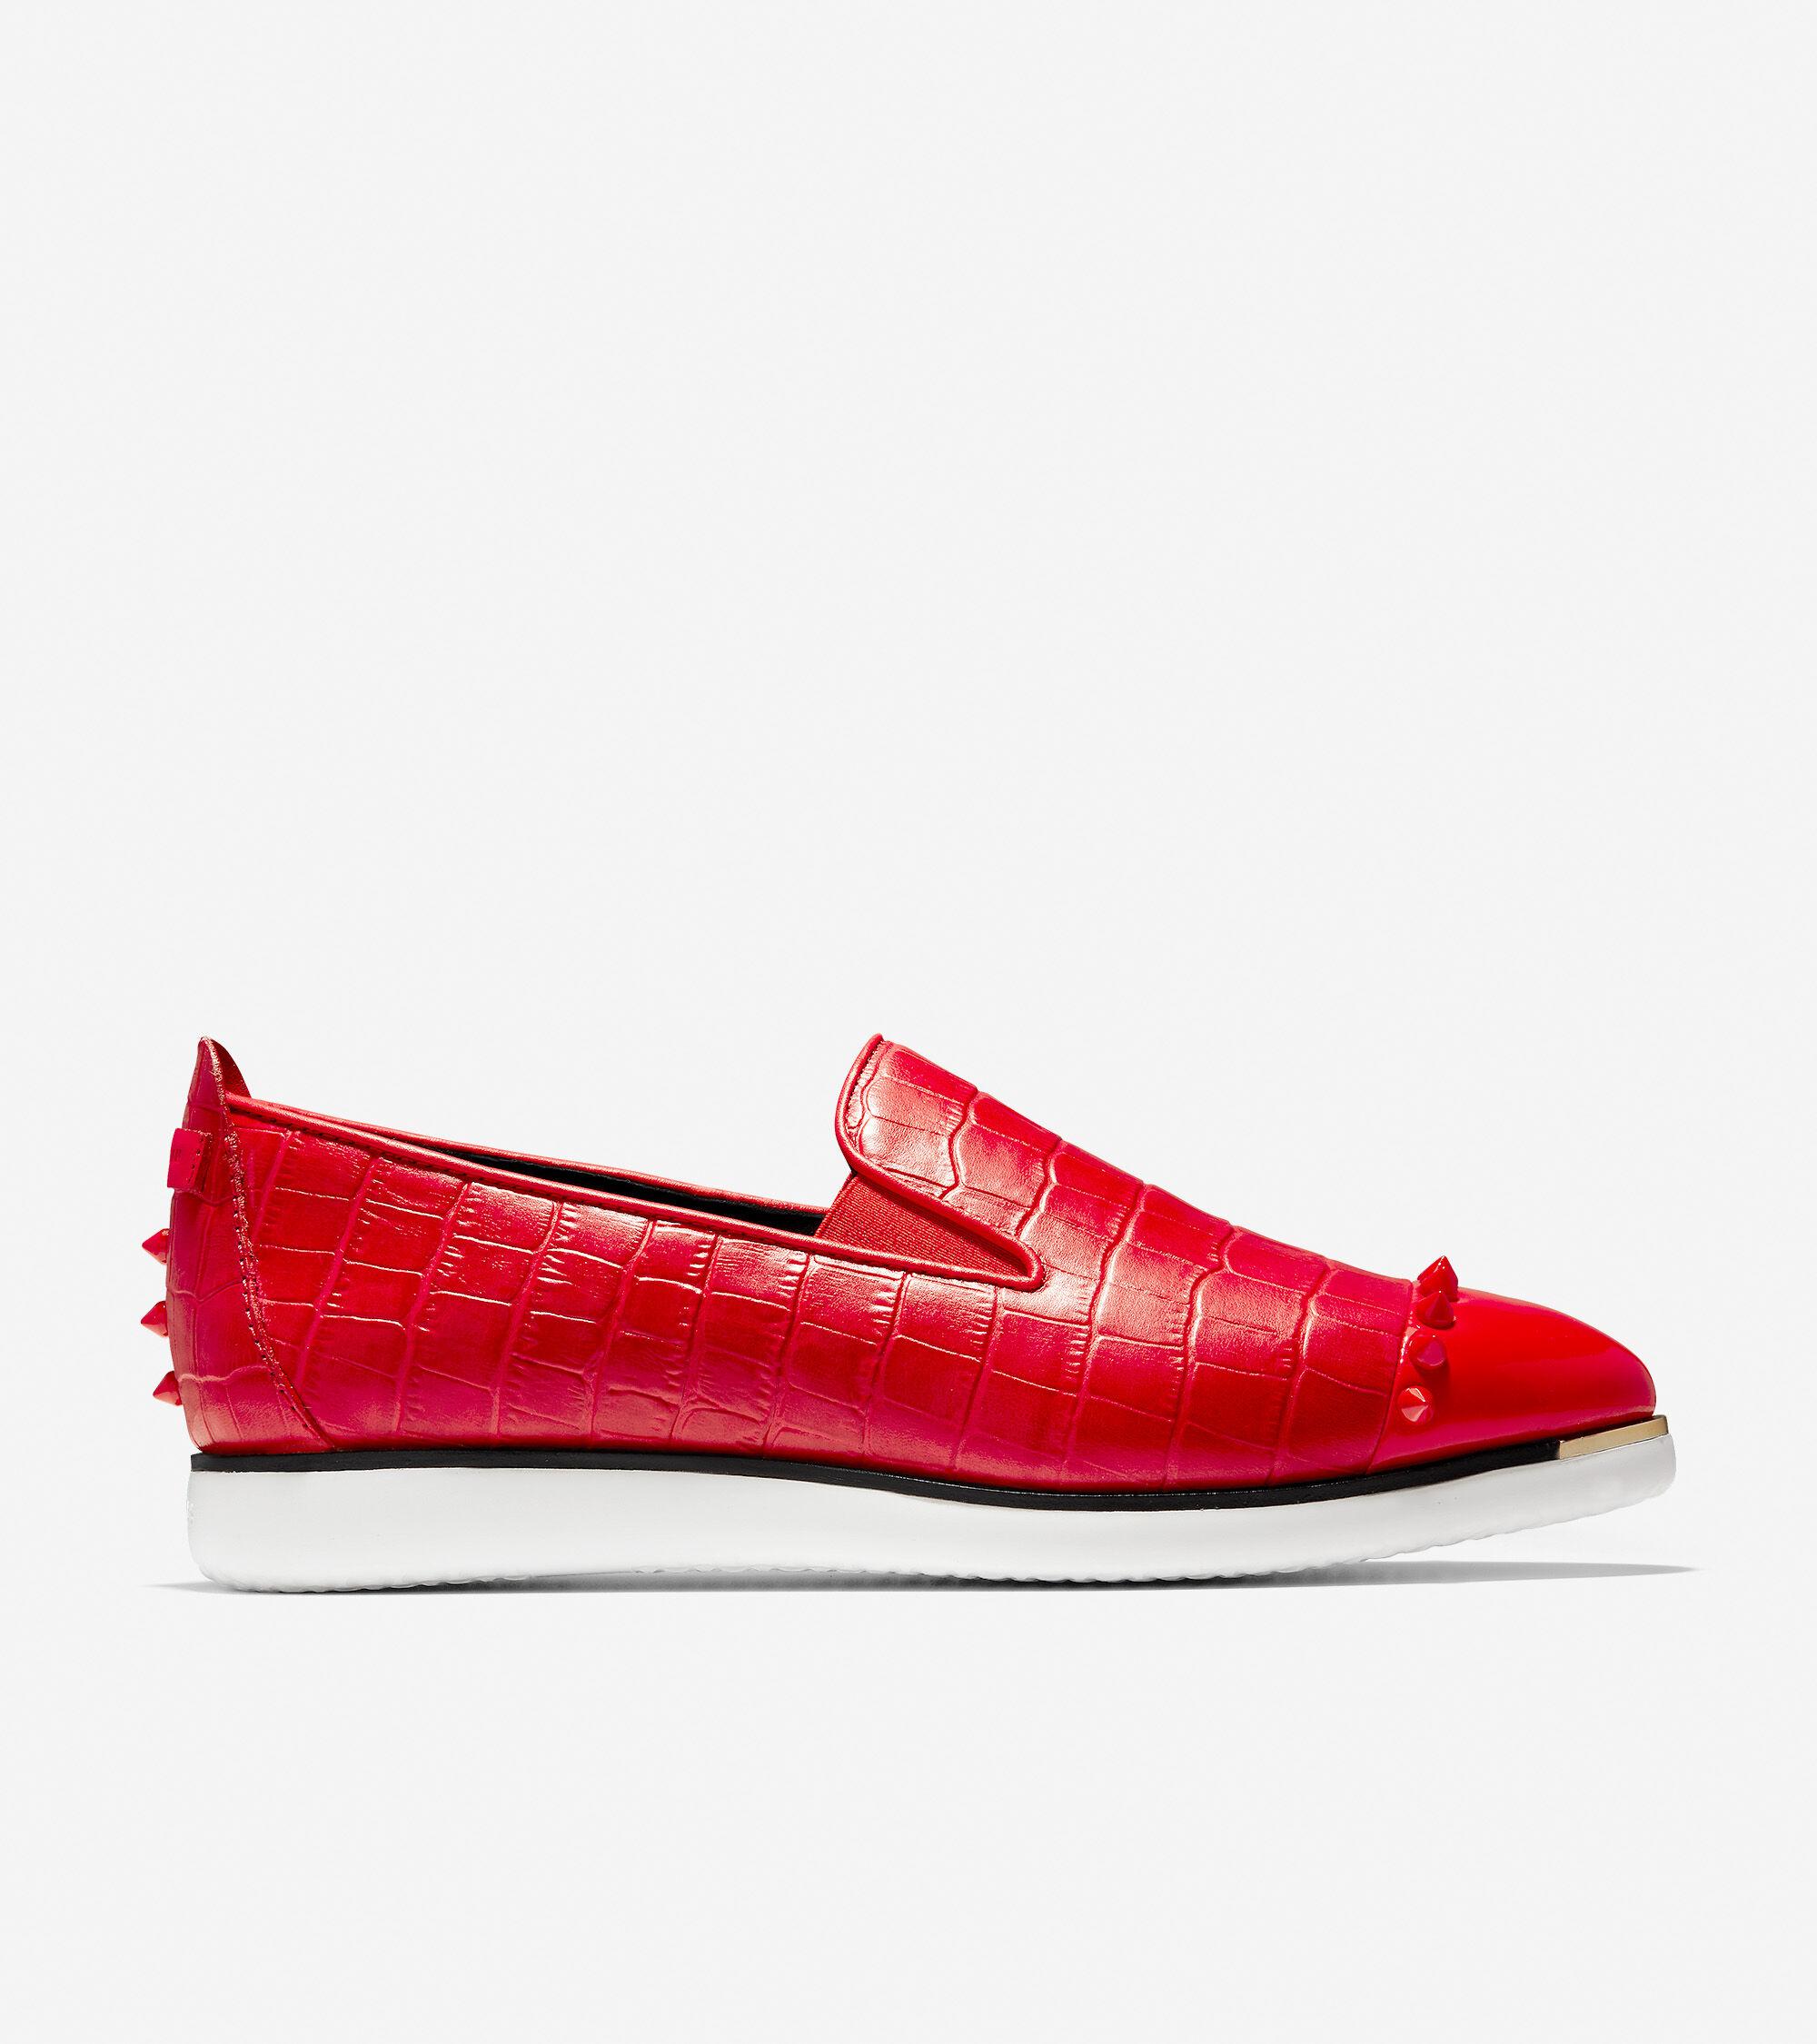 Cole Haan x Rodarte Slip-On Sneaker